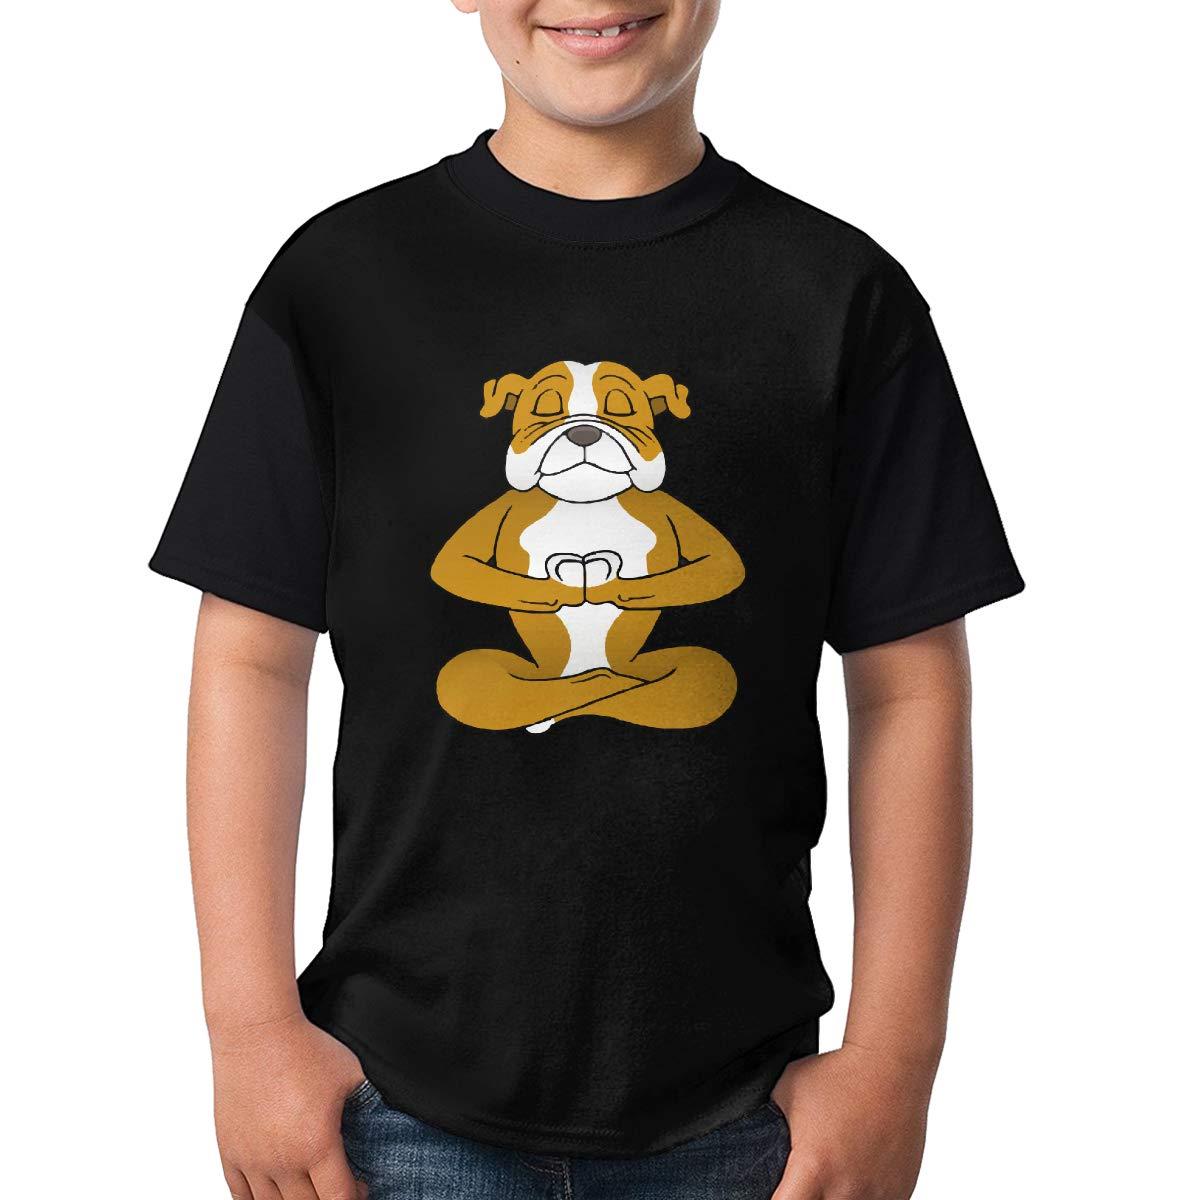 TXYHDX11 English Bulldog Short Sleeve Tee Casual Crew Neck Tee for Teenagers